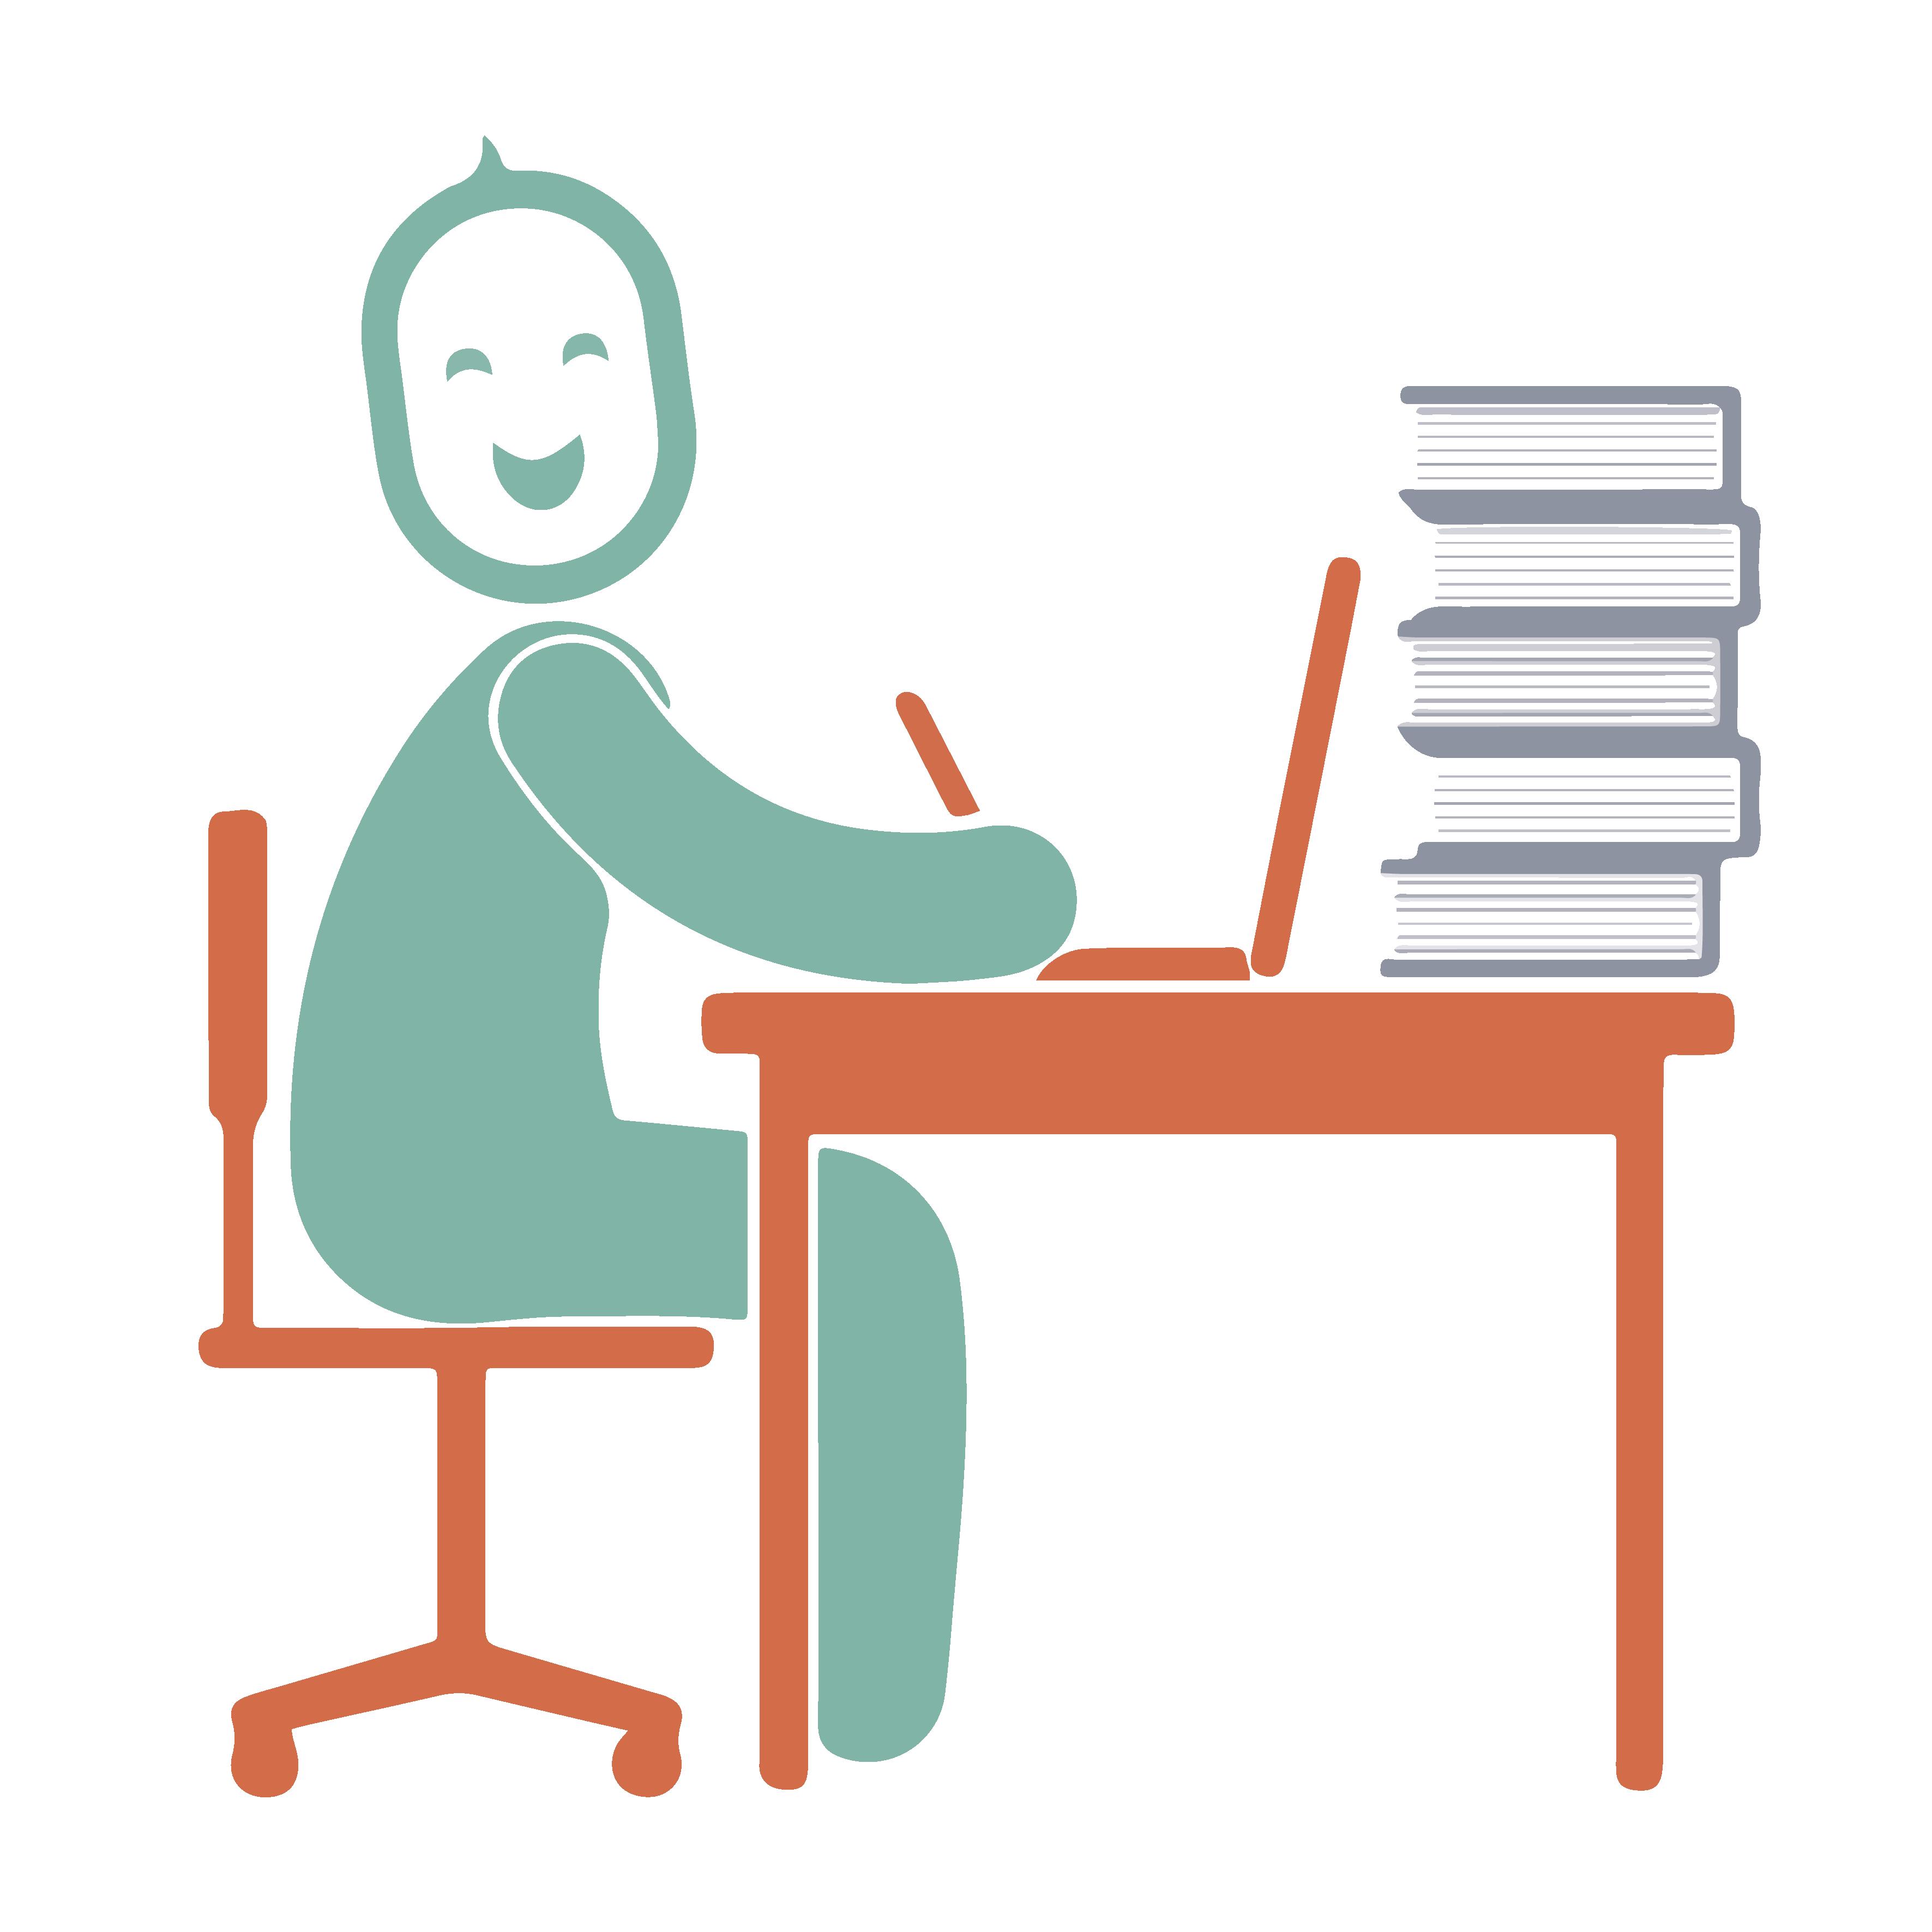 tècniques d'estudi i suport en l'aprenentatge